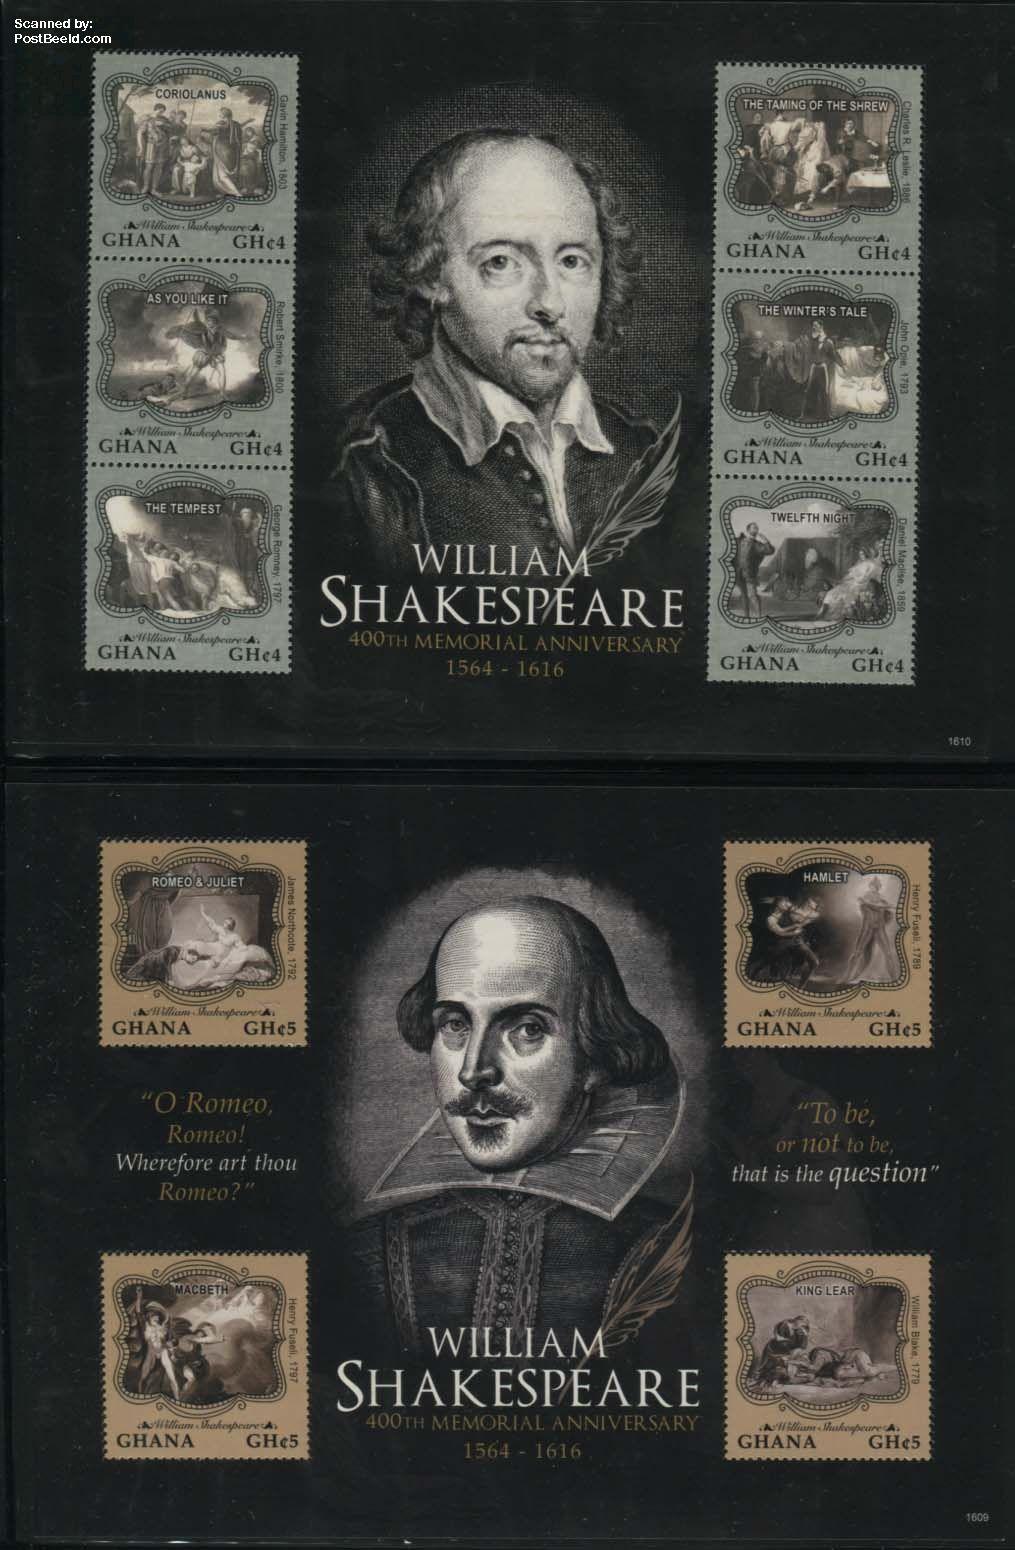 William Shakespeare 2 s/s